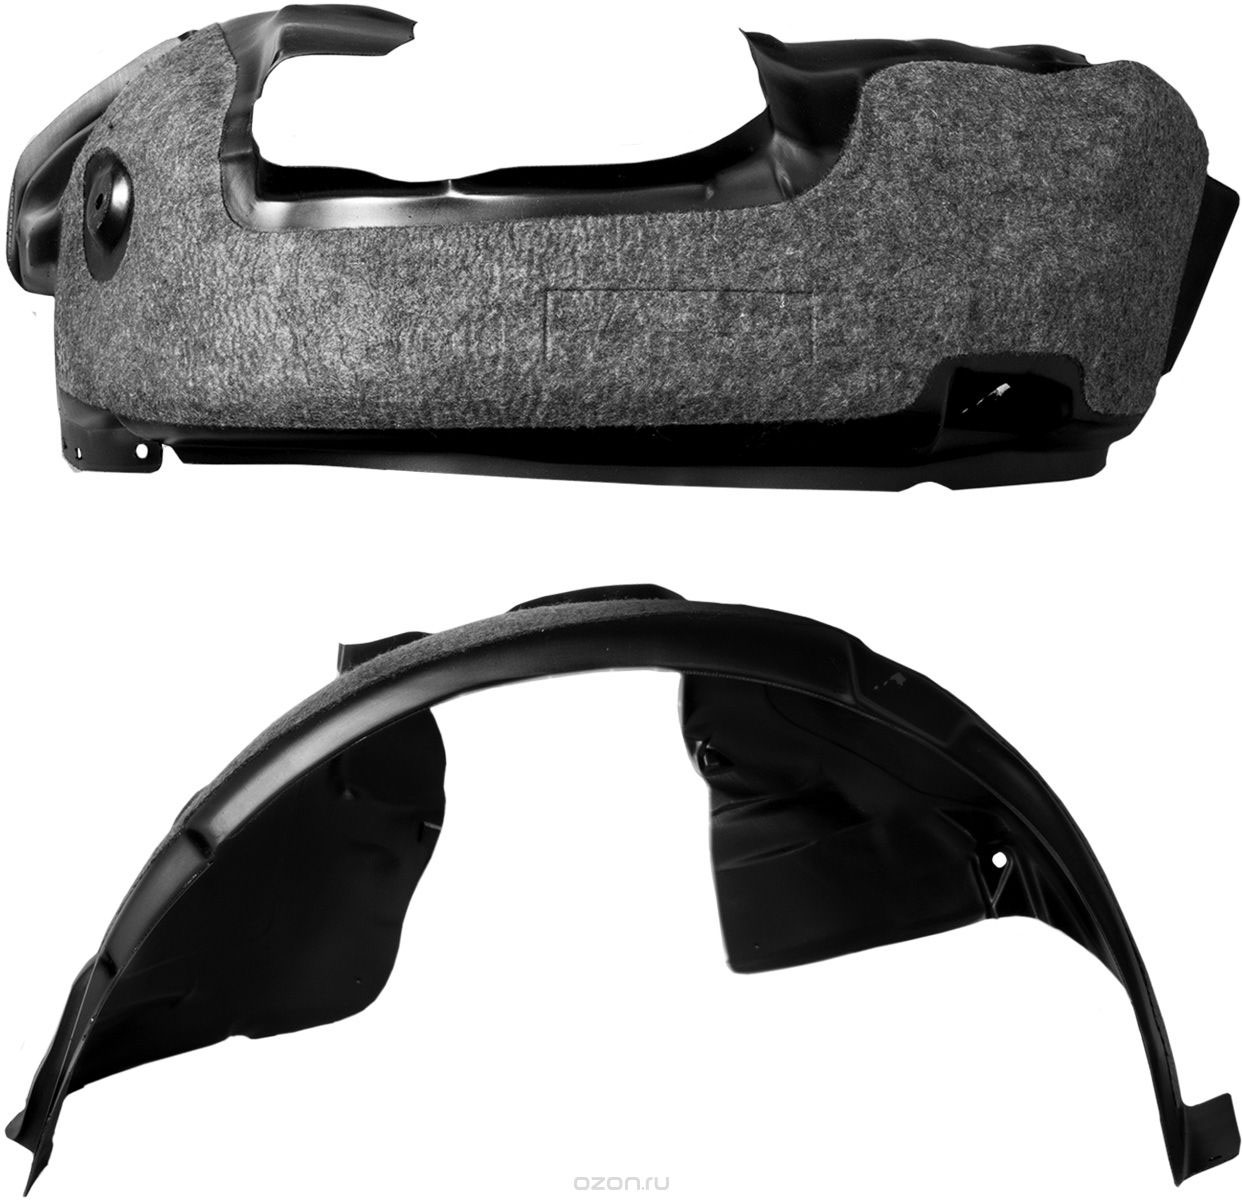 Подкрылок Novline-Autofamily с шумоизоляцией, для Hyundai Creta, 06/2016->, кроссовер, задний правыйNLS.20.47.004Идеальная защита колесной ниши. Локеры разработаны с применением цифровых технологий, гарантируют максимальную повторяемость поверхности арки. Изделия устанавливаются без нарушения лакокрасочного покрытия автомобиля, каждый подкрылок комплектуется крепежом. Уважаемые клиенты, обращаем ваше внимание, что фотографии на подкрылки универсальные и не отражают реальную форму изделия. При этом само изделие идет точно под размер указанного автомобиля.